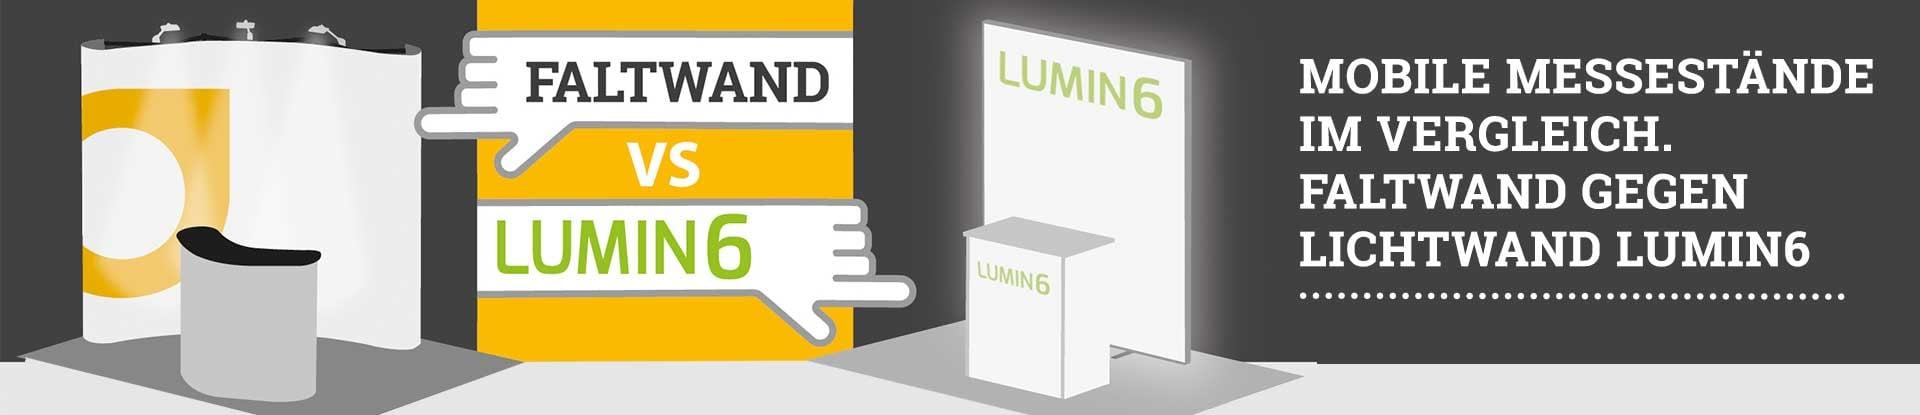 Faltwand gegen LUMIN6